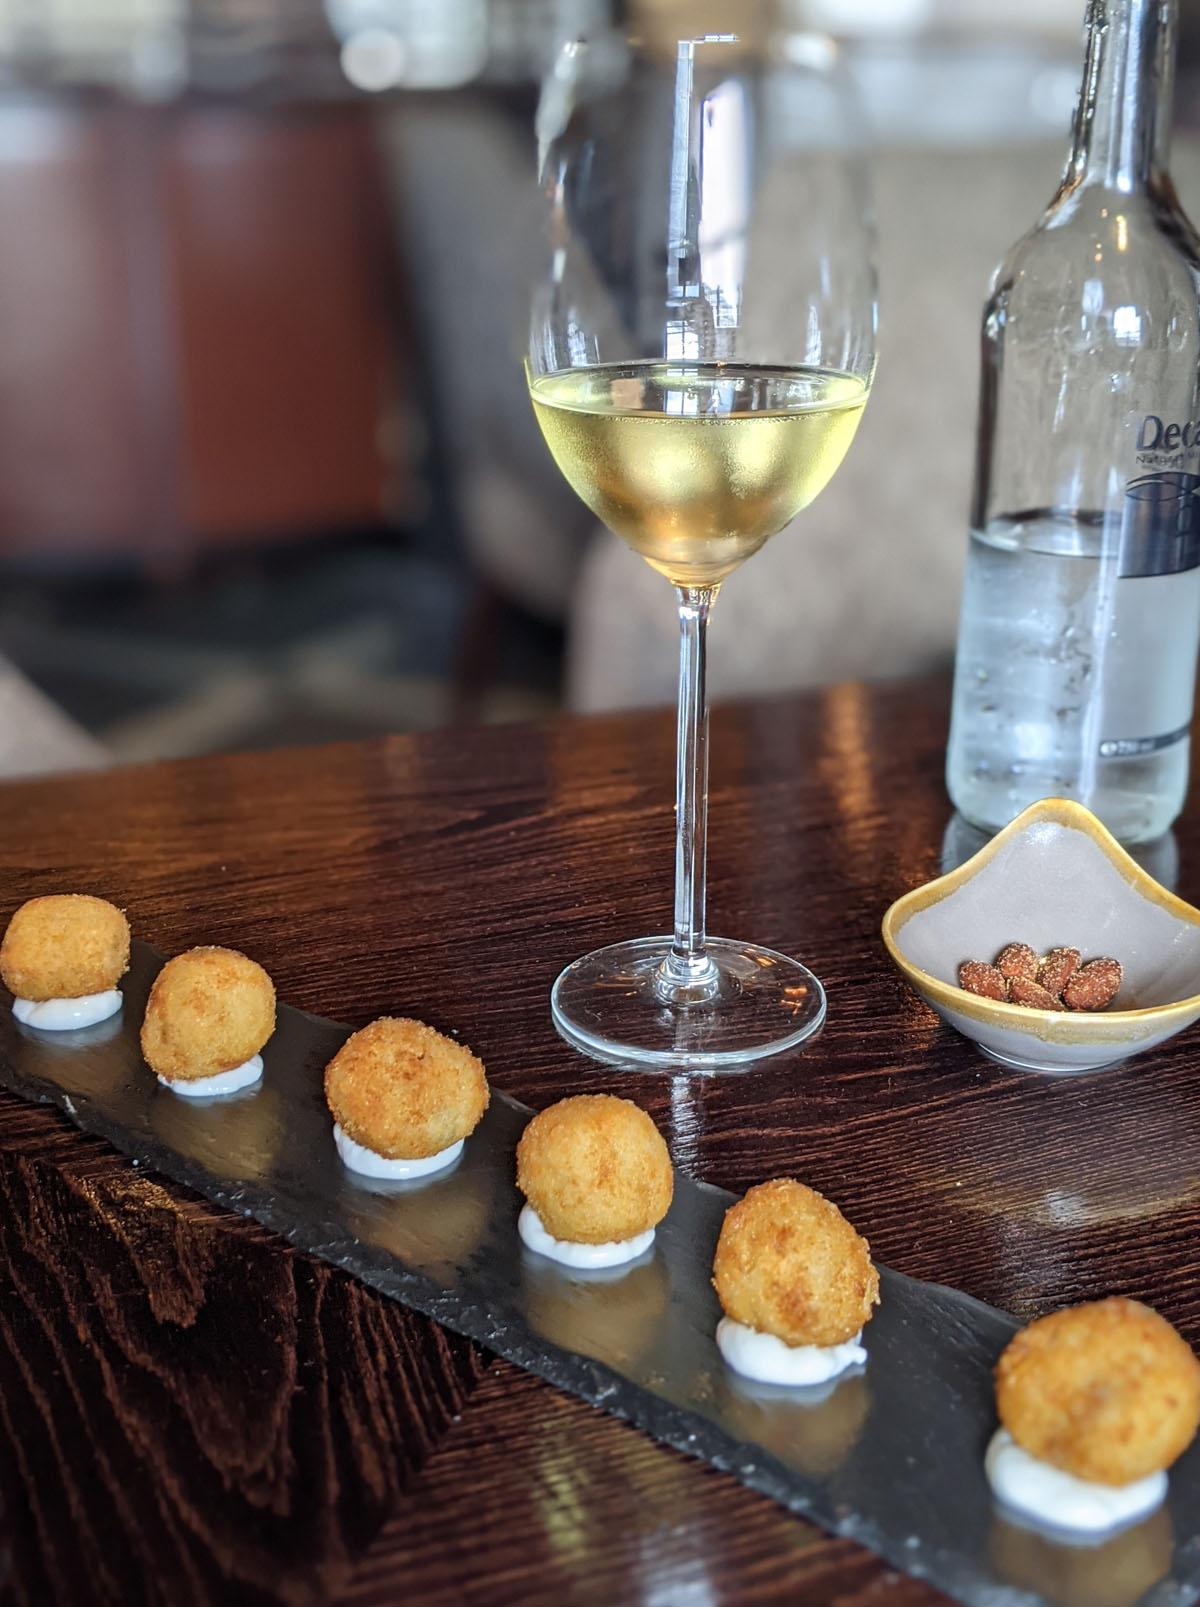 Aqua Nueva wine and ham croquetas